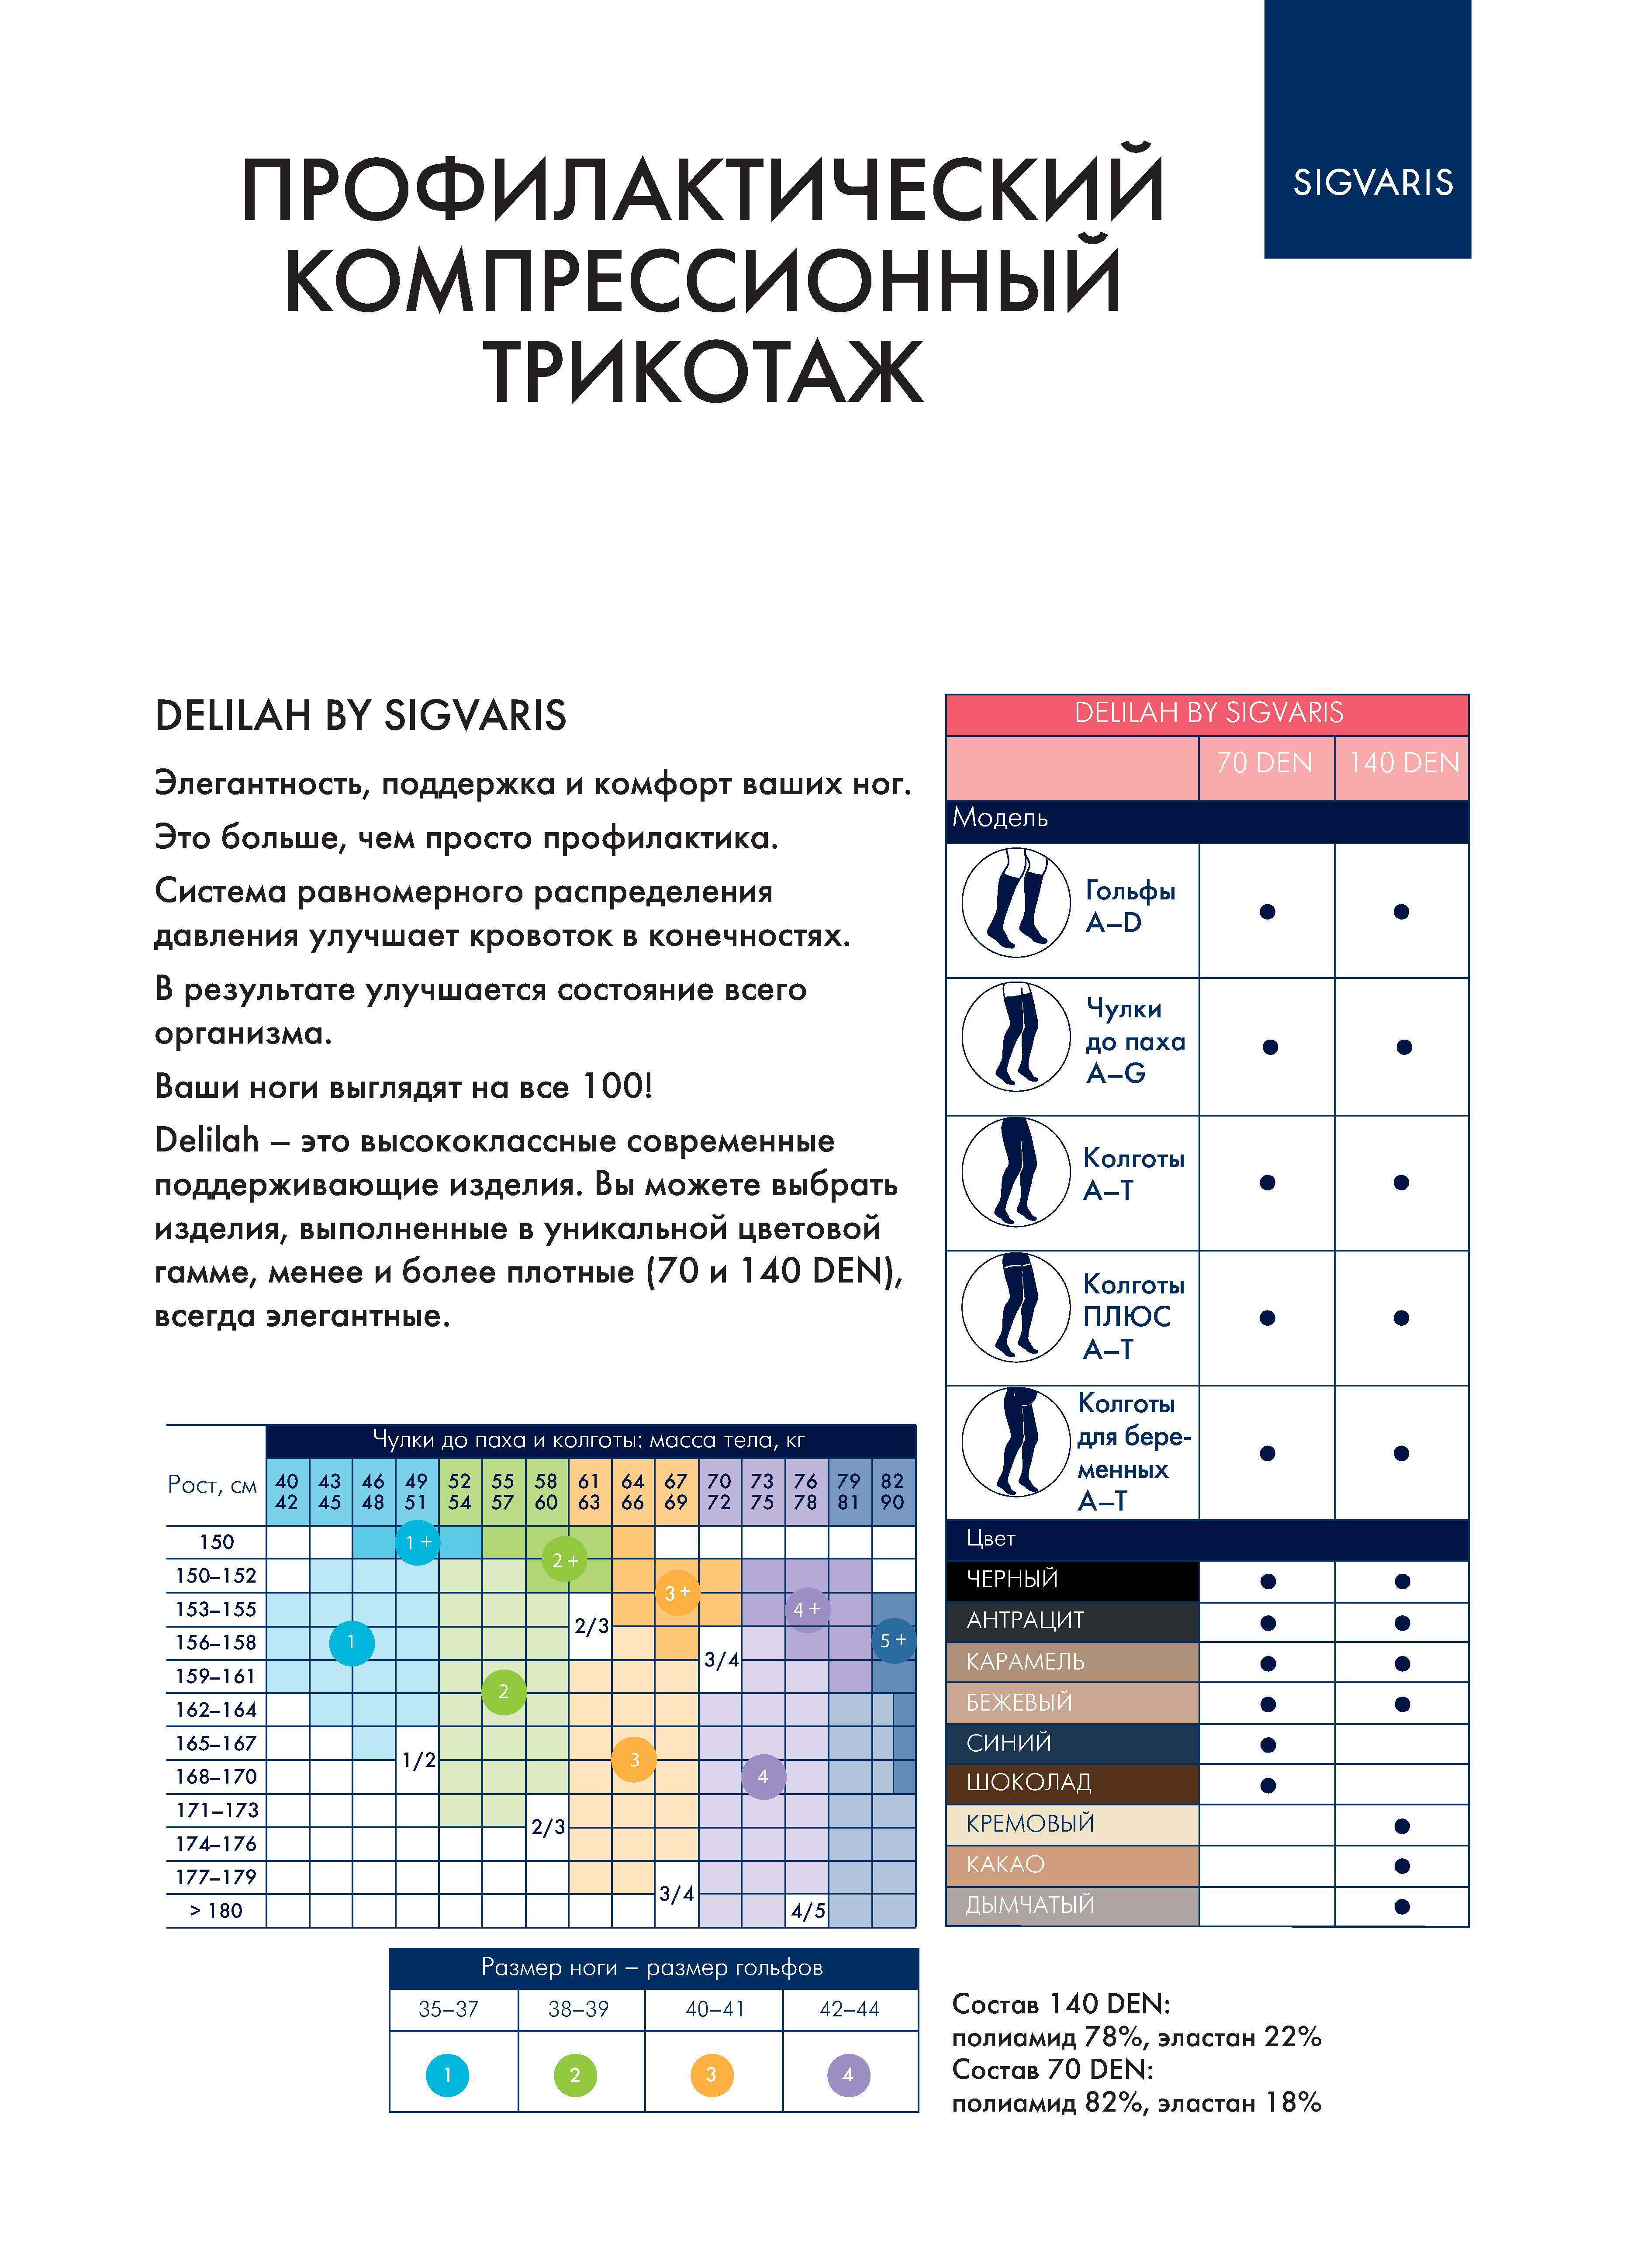 Схема определения размера изделий серии  Delilah